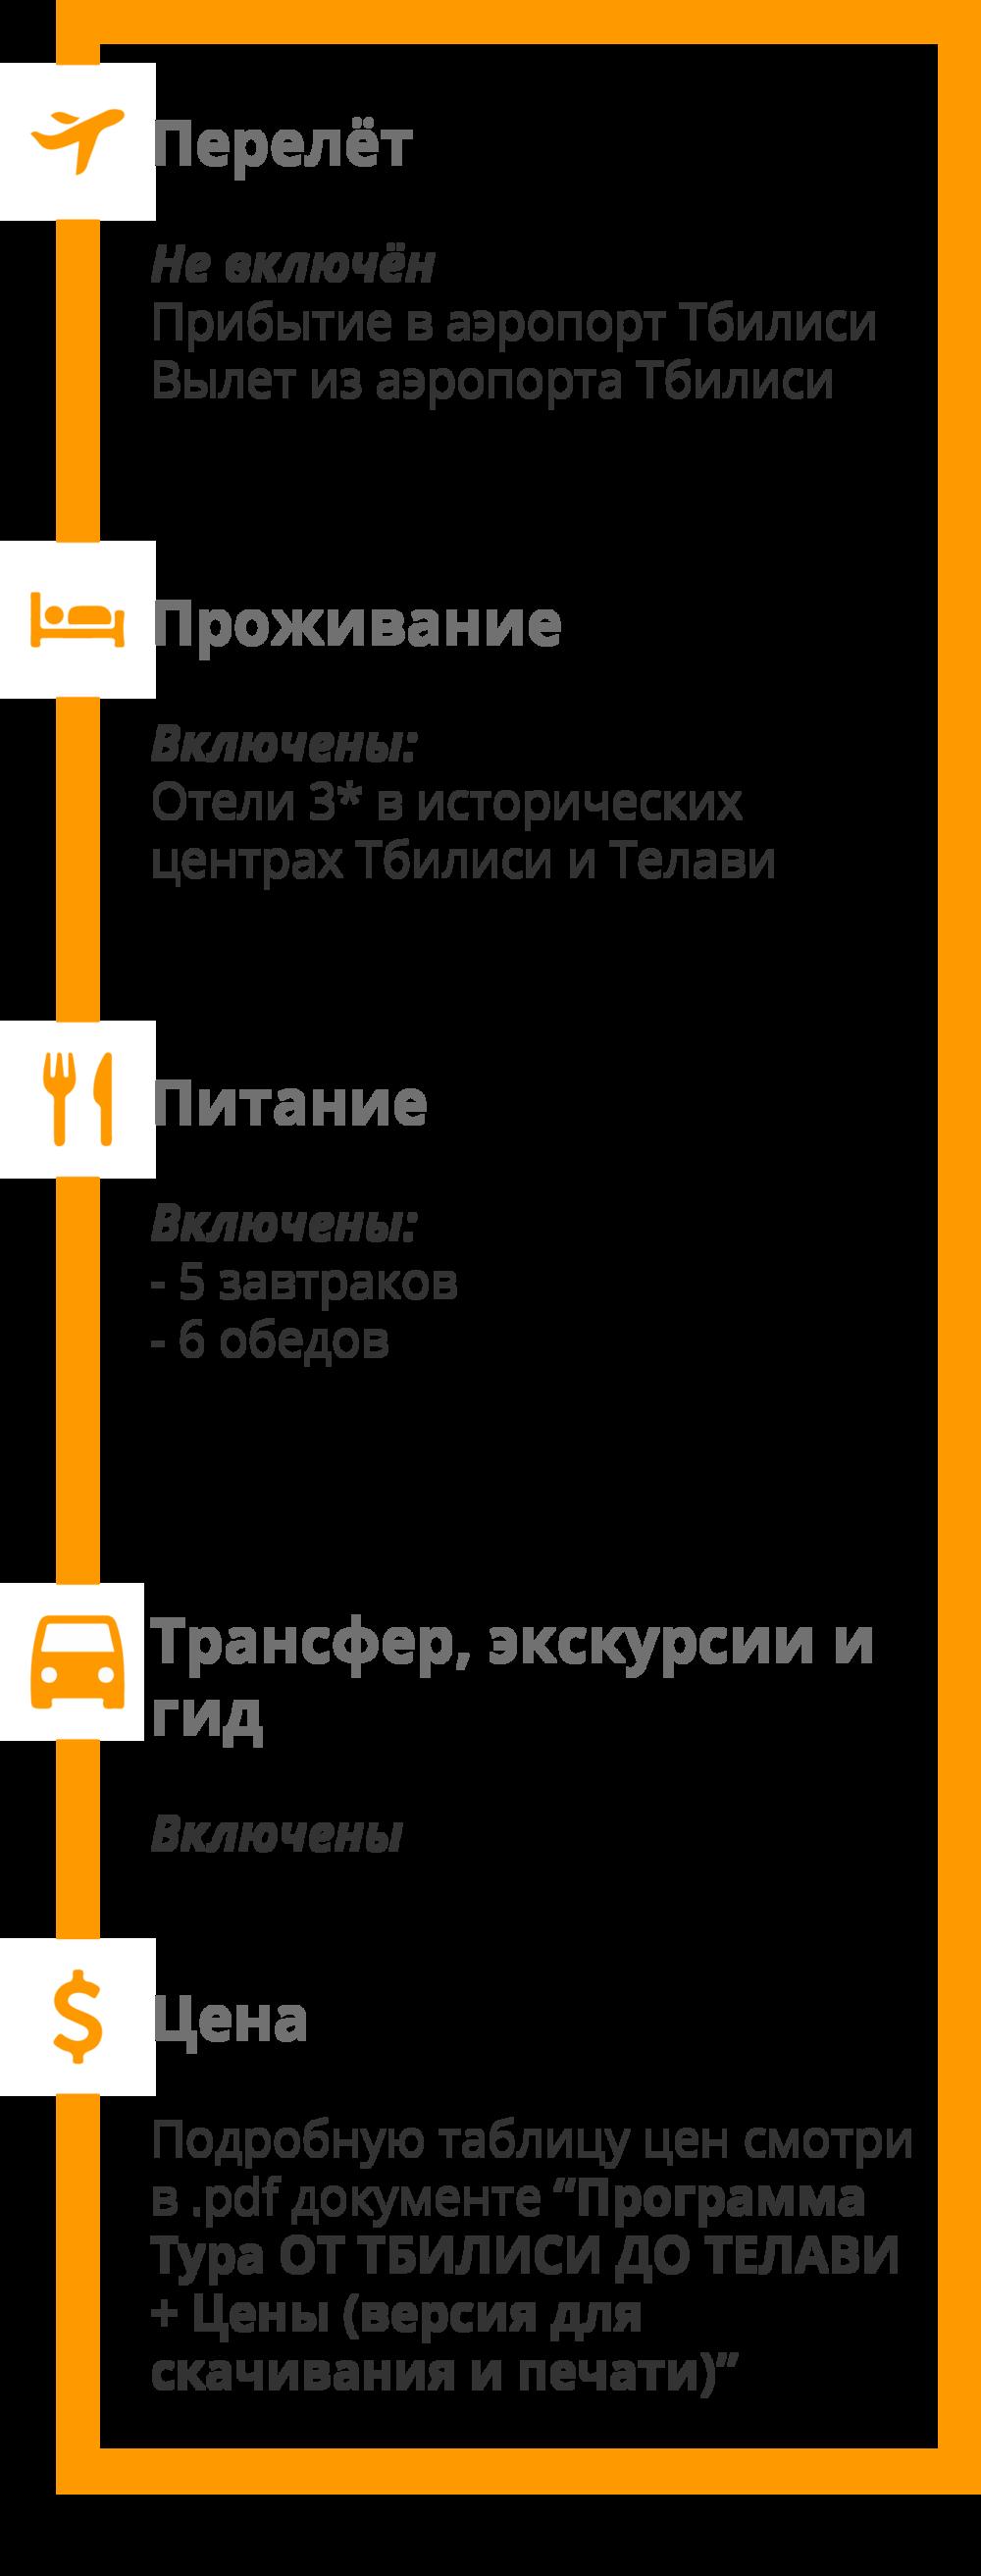 Тур От Тбилиси до Телави Цена Перелет Проживание Питание Гид Экскурсии Трансфер NAMERANI.png